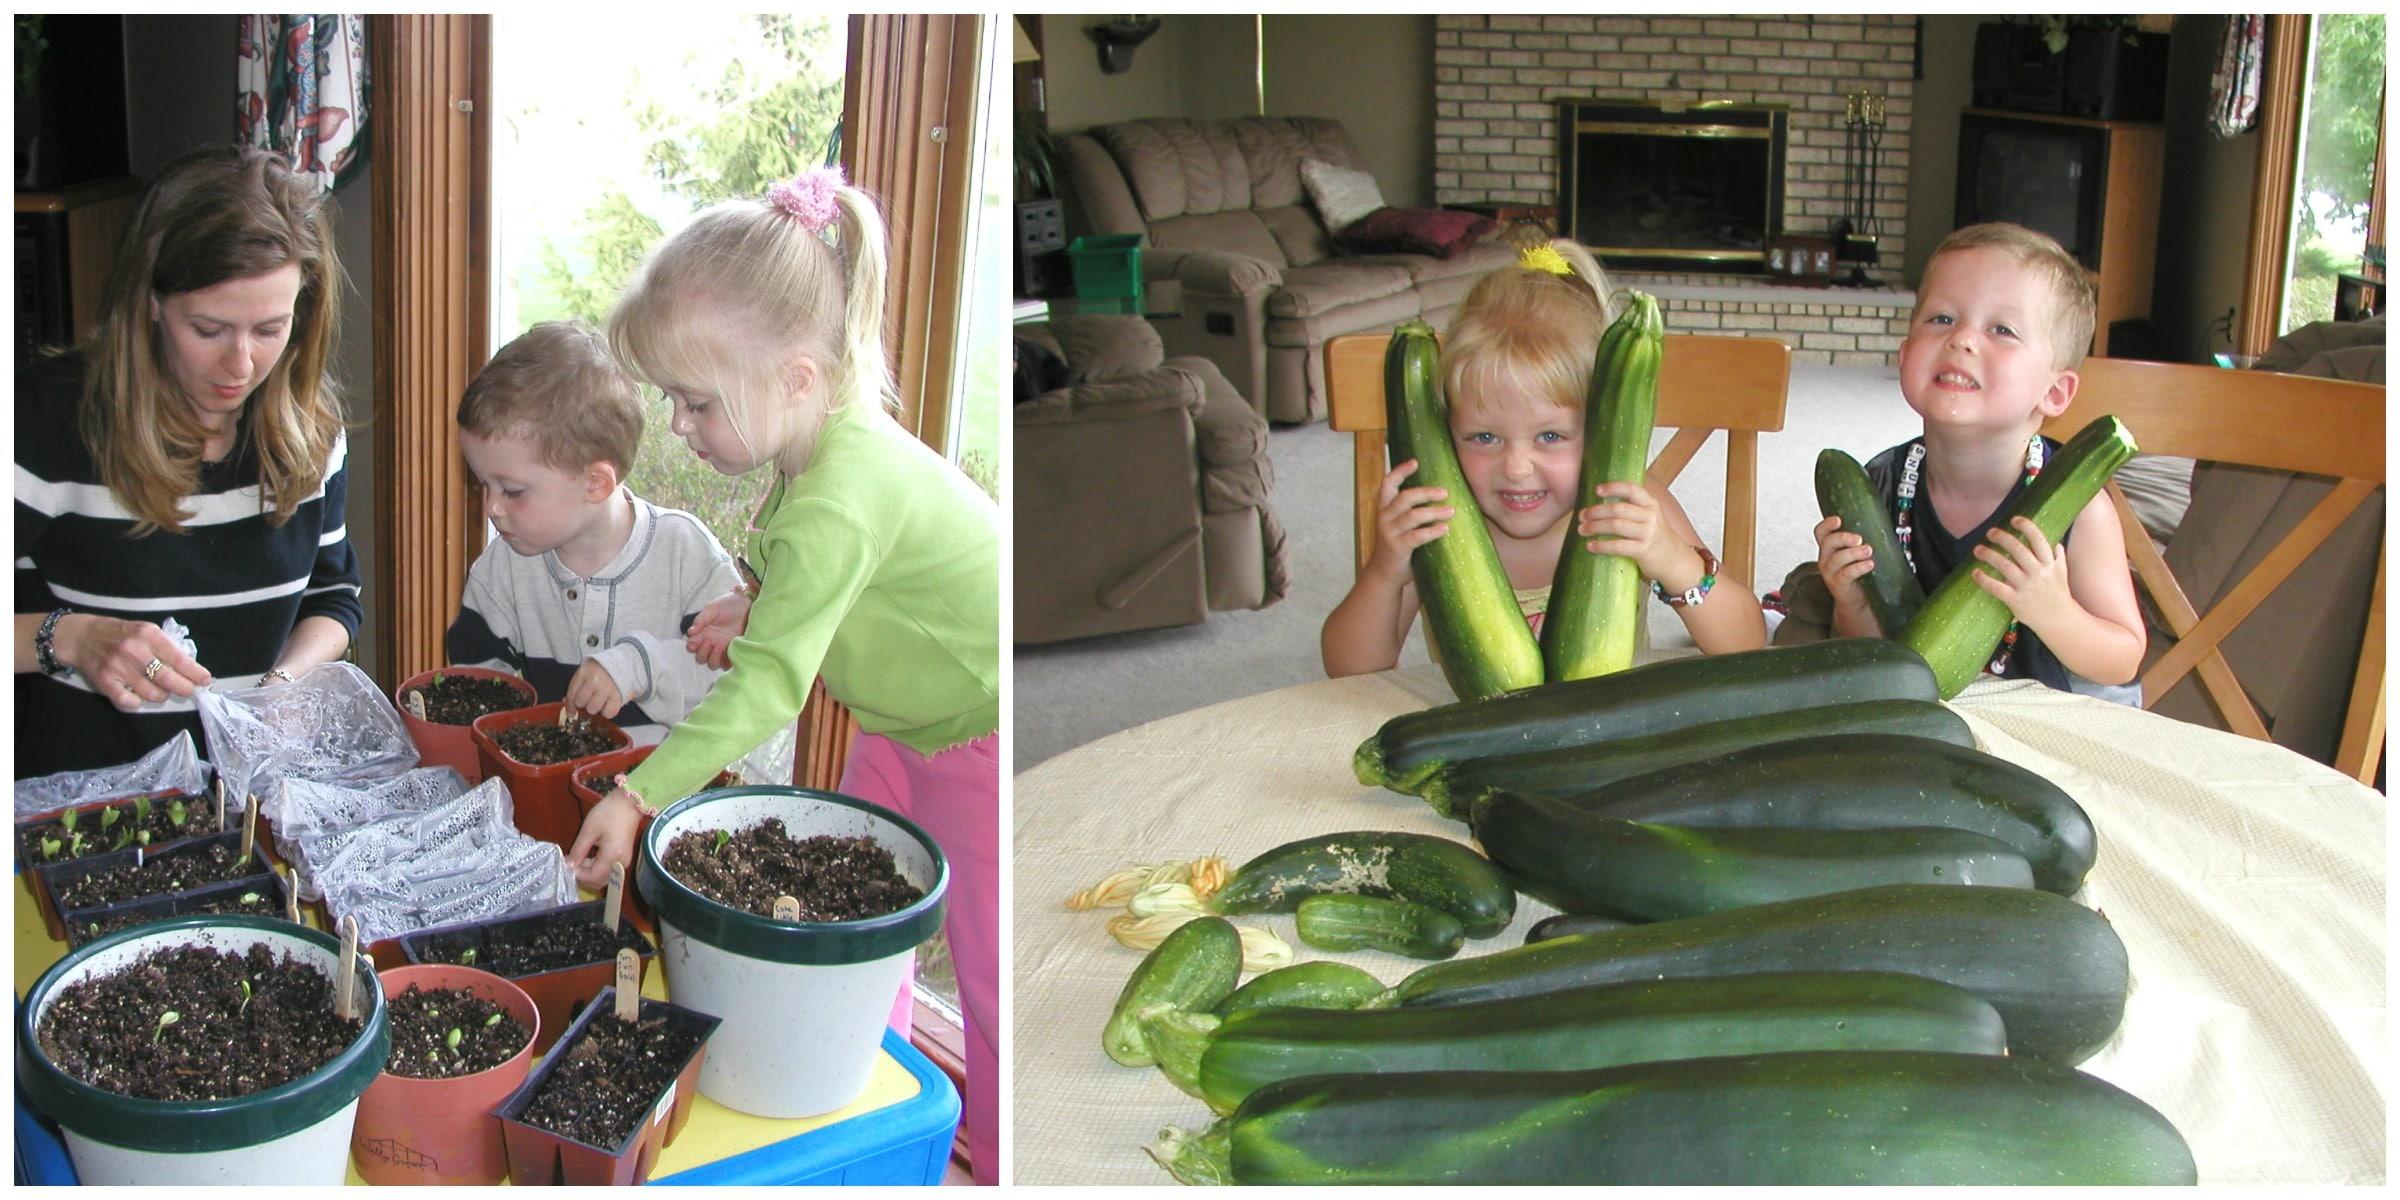 Gardening kiddos